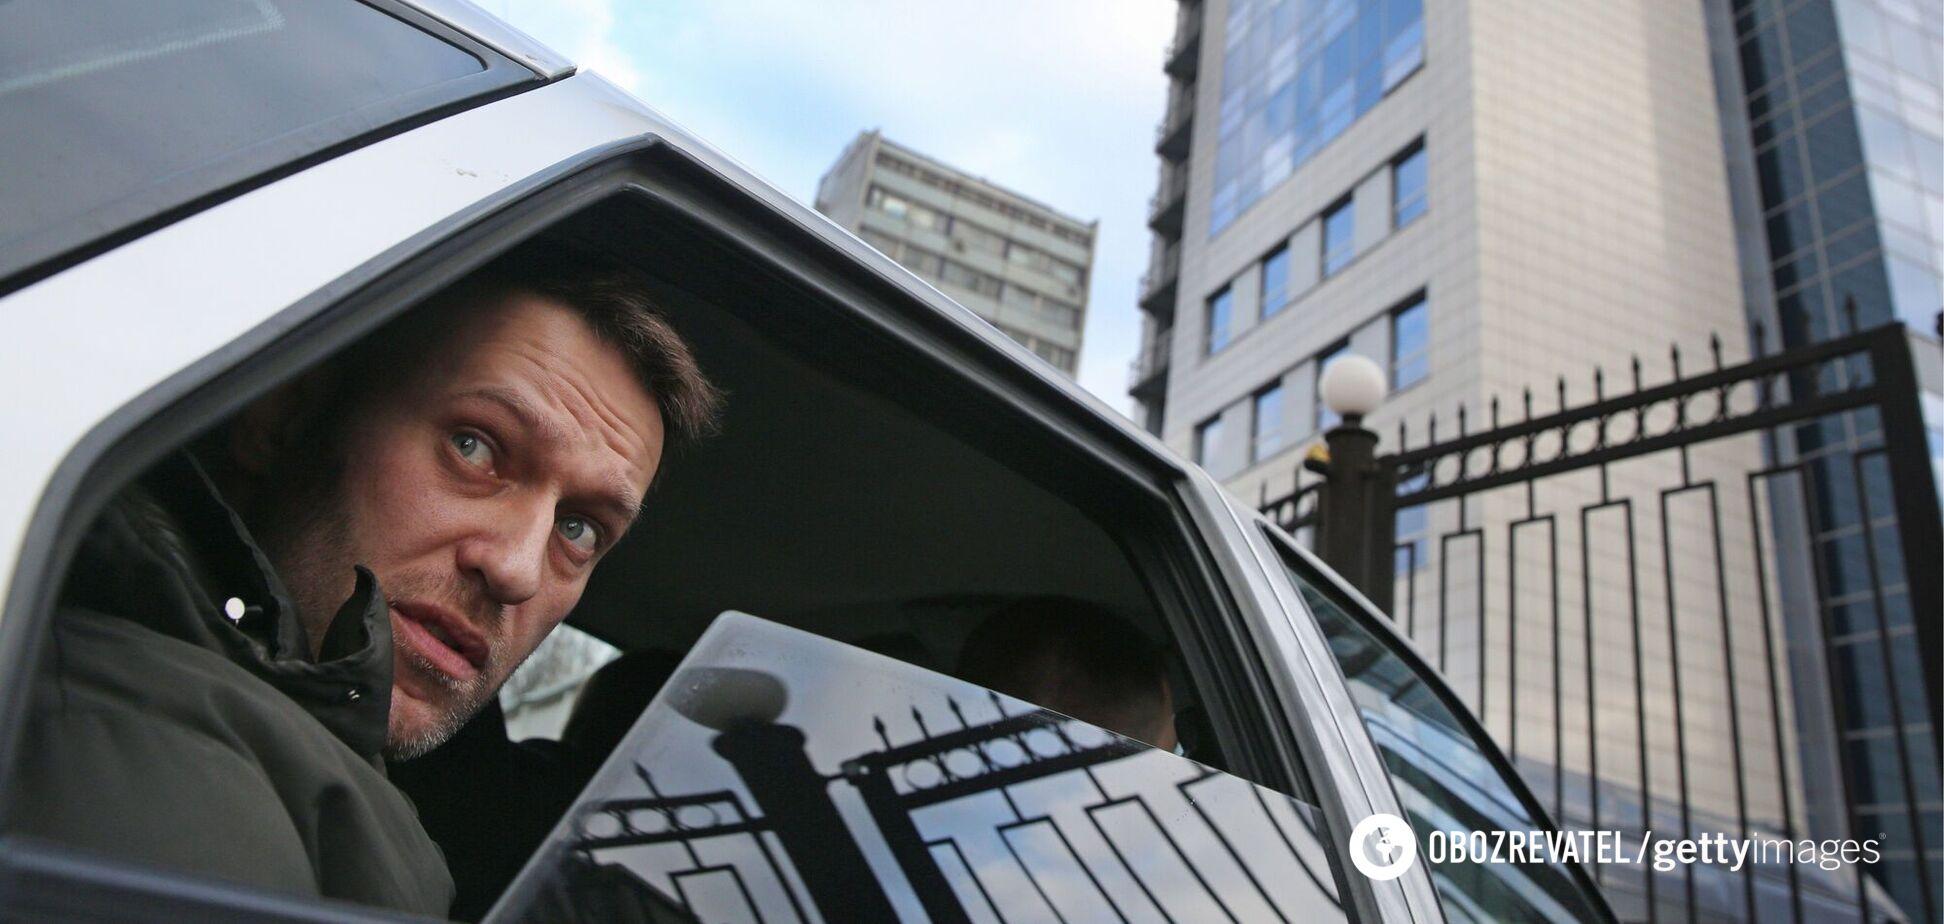 Ситуация с Навальным: почему Кремль запретил транспортировку